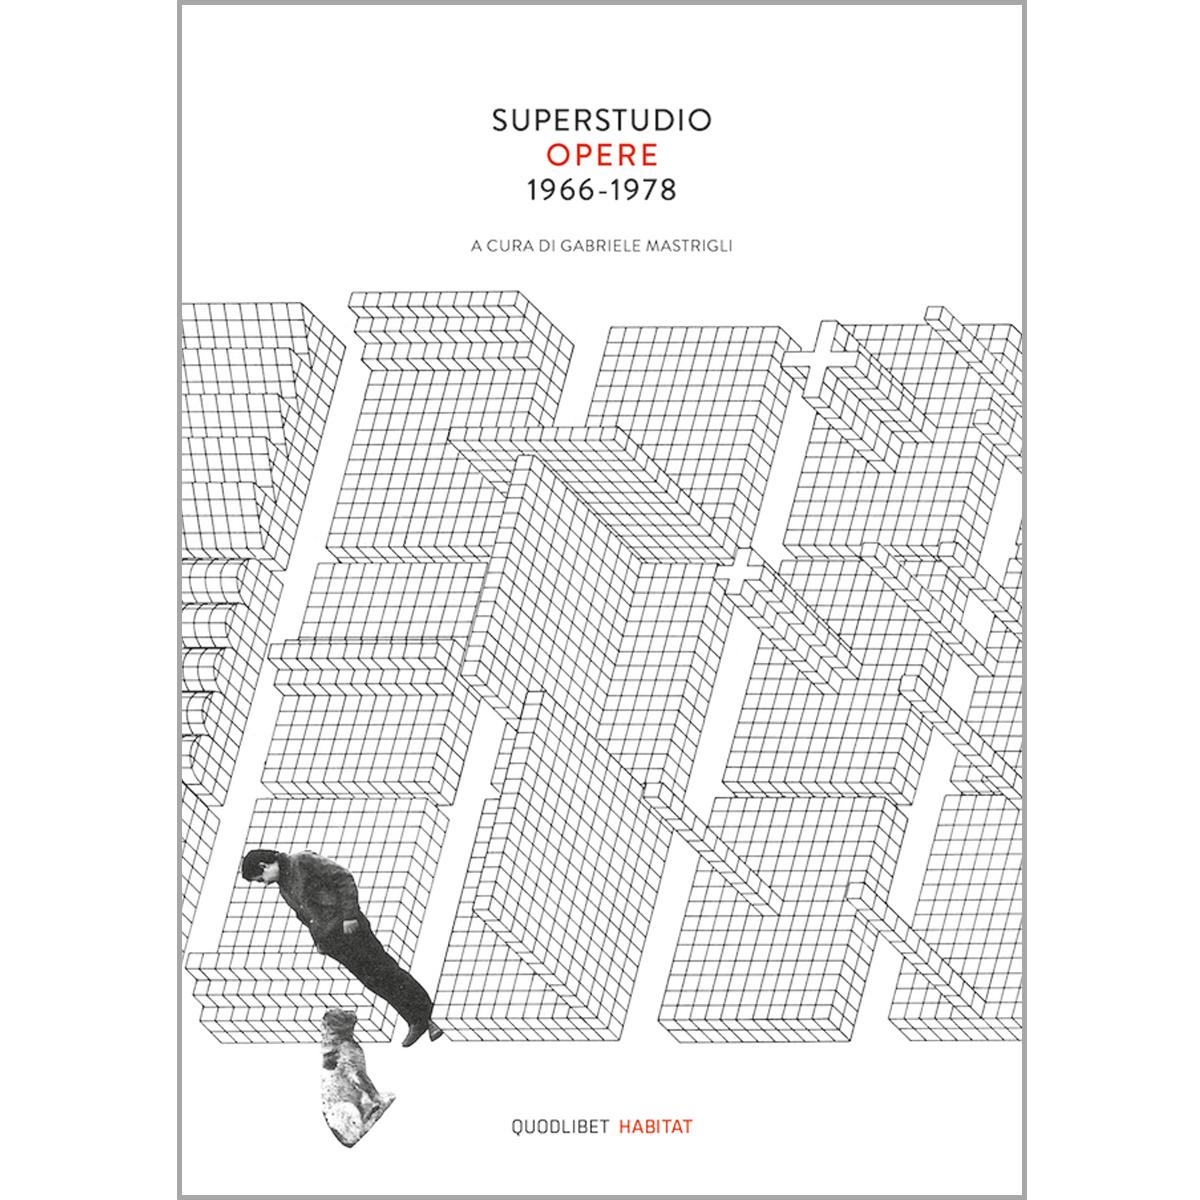 Superstudio Opere 1966-1978